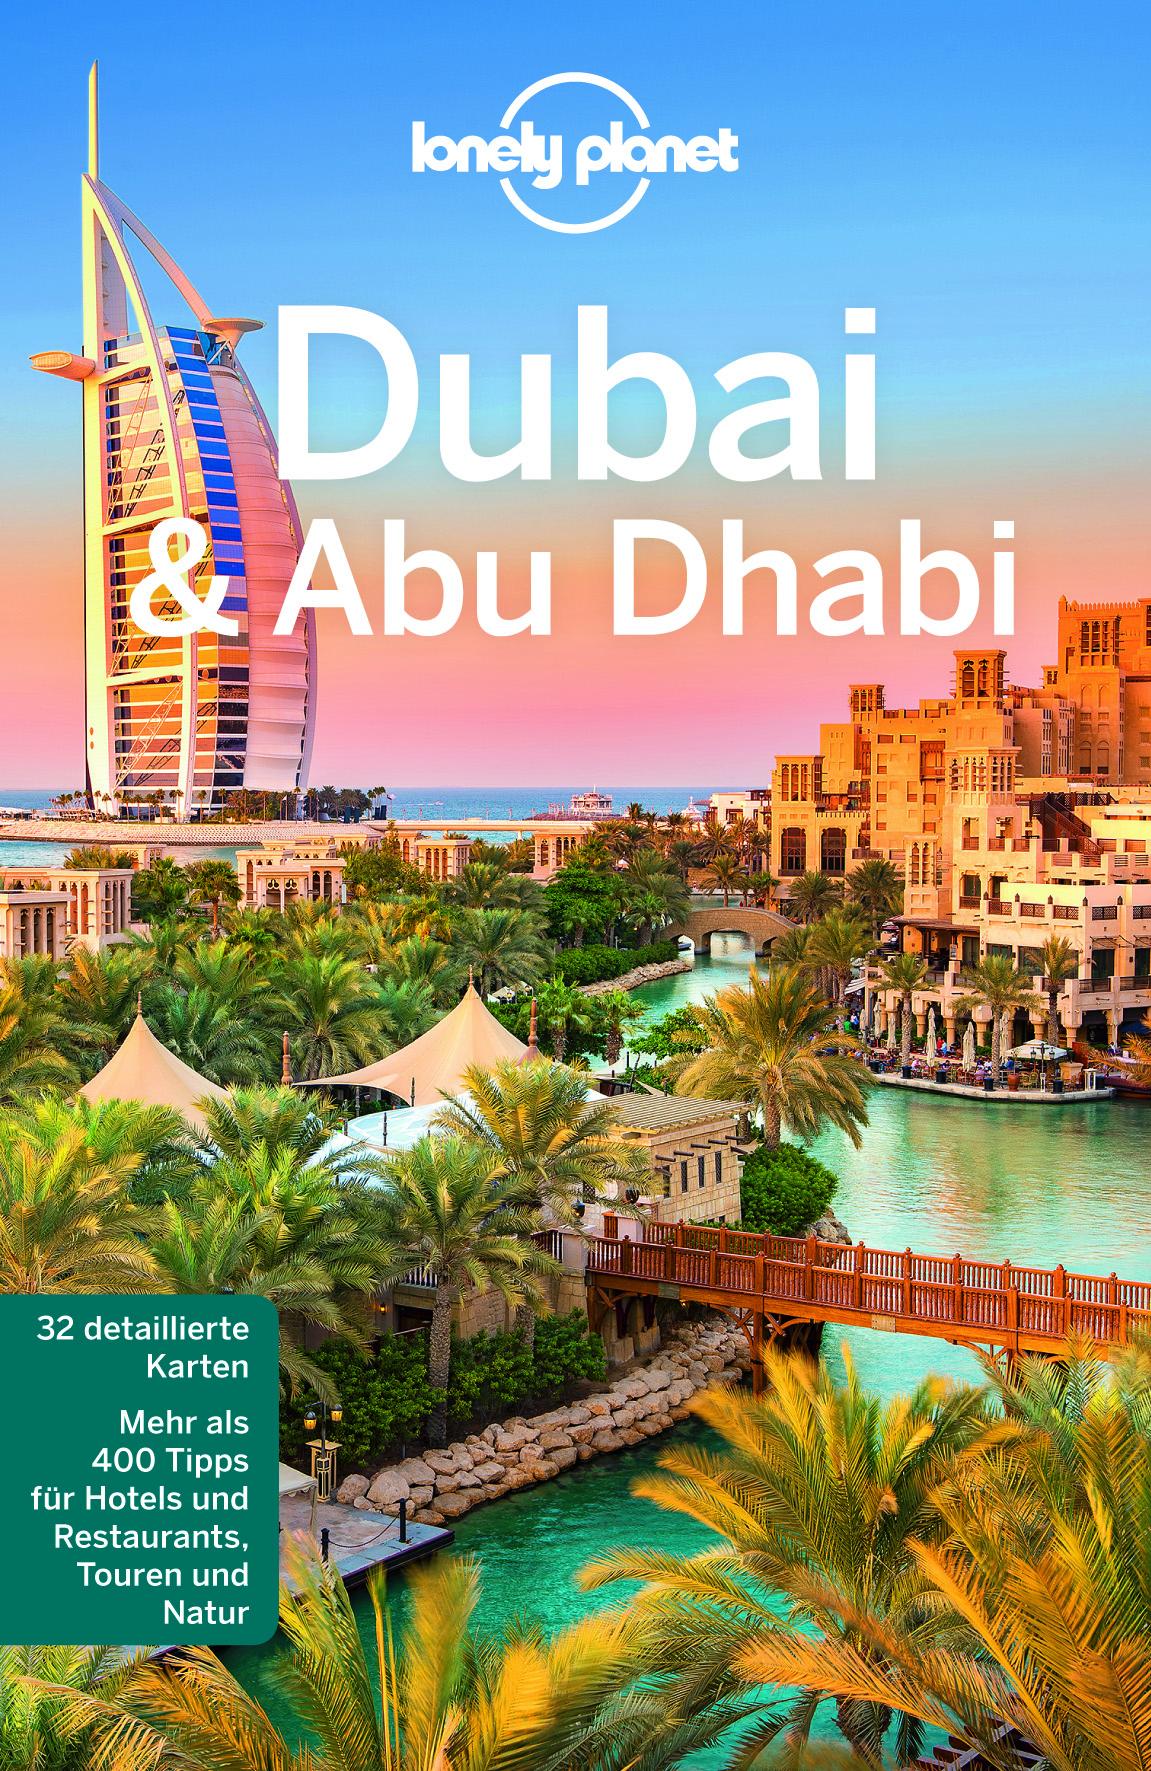 Lonely Planet - Dubai & Abu Dhabi (Cover)